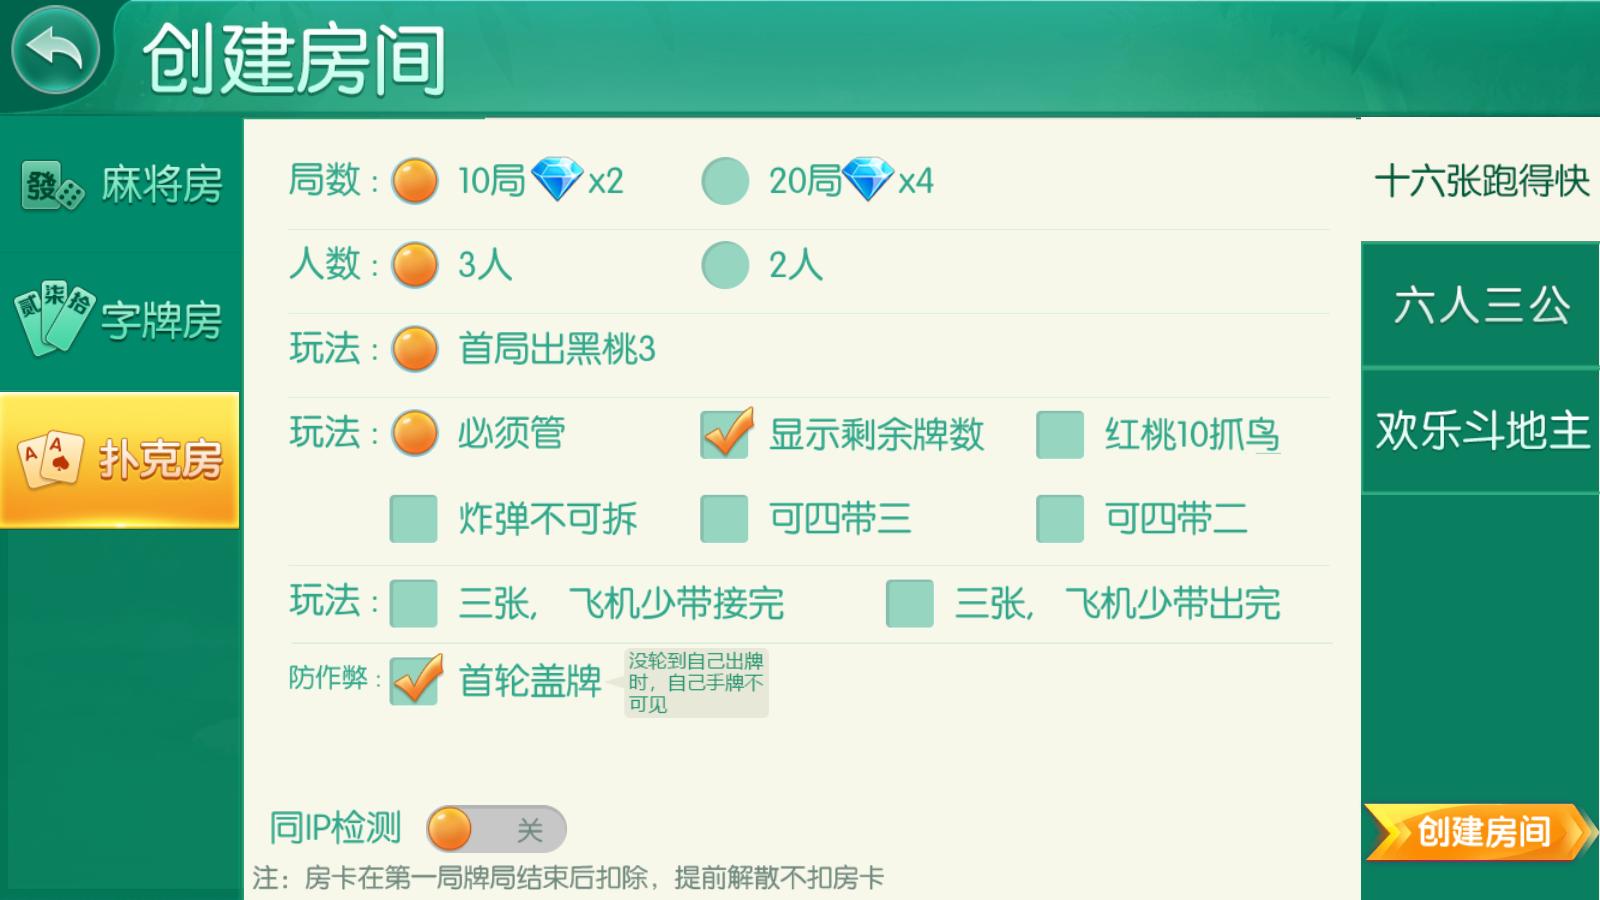 网狐二开跑胡子合集 麻将游戏 字牌游戏 扑克游戏 完整整理-第19张